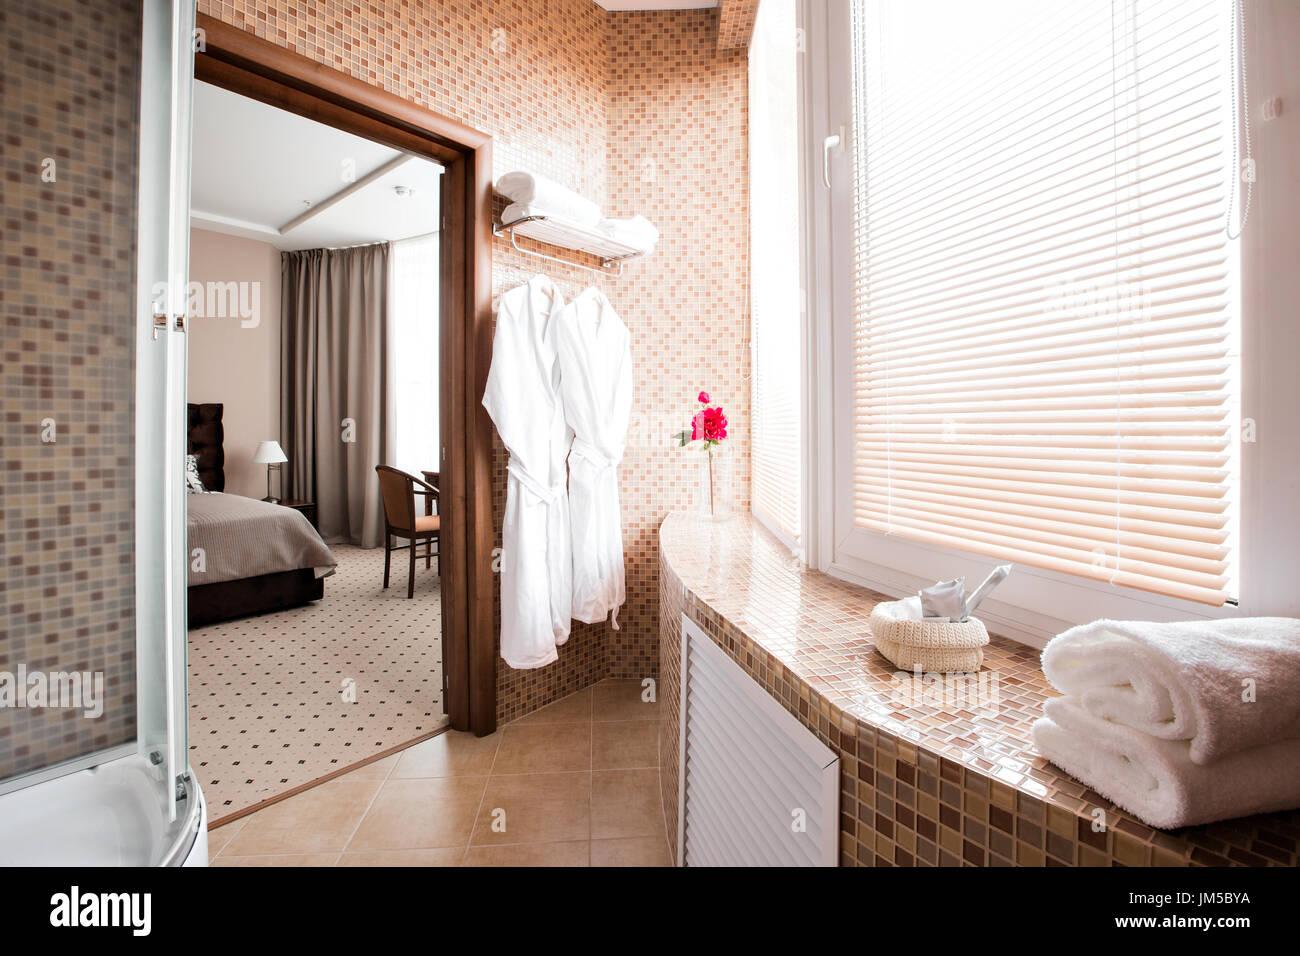 Salle de bains de luxe moderne avec cabine de douche et fenêtre ...